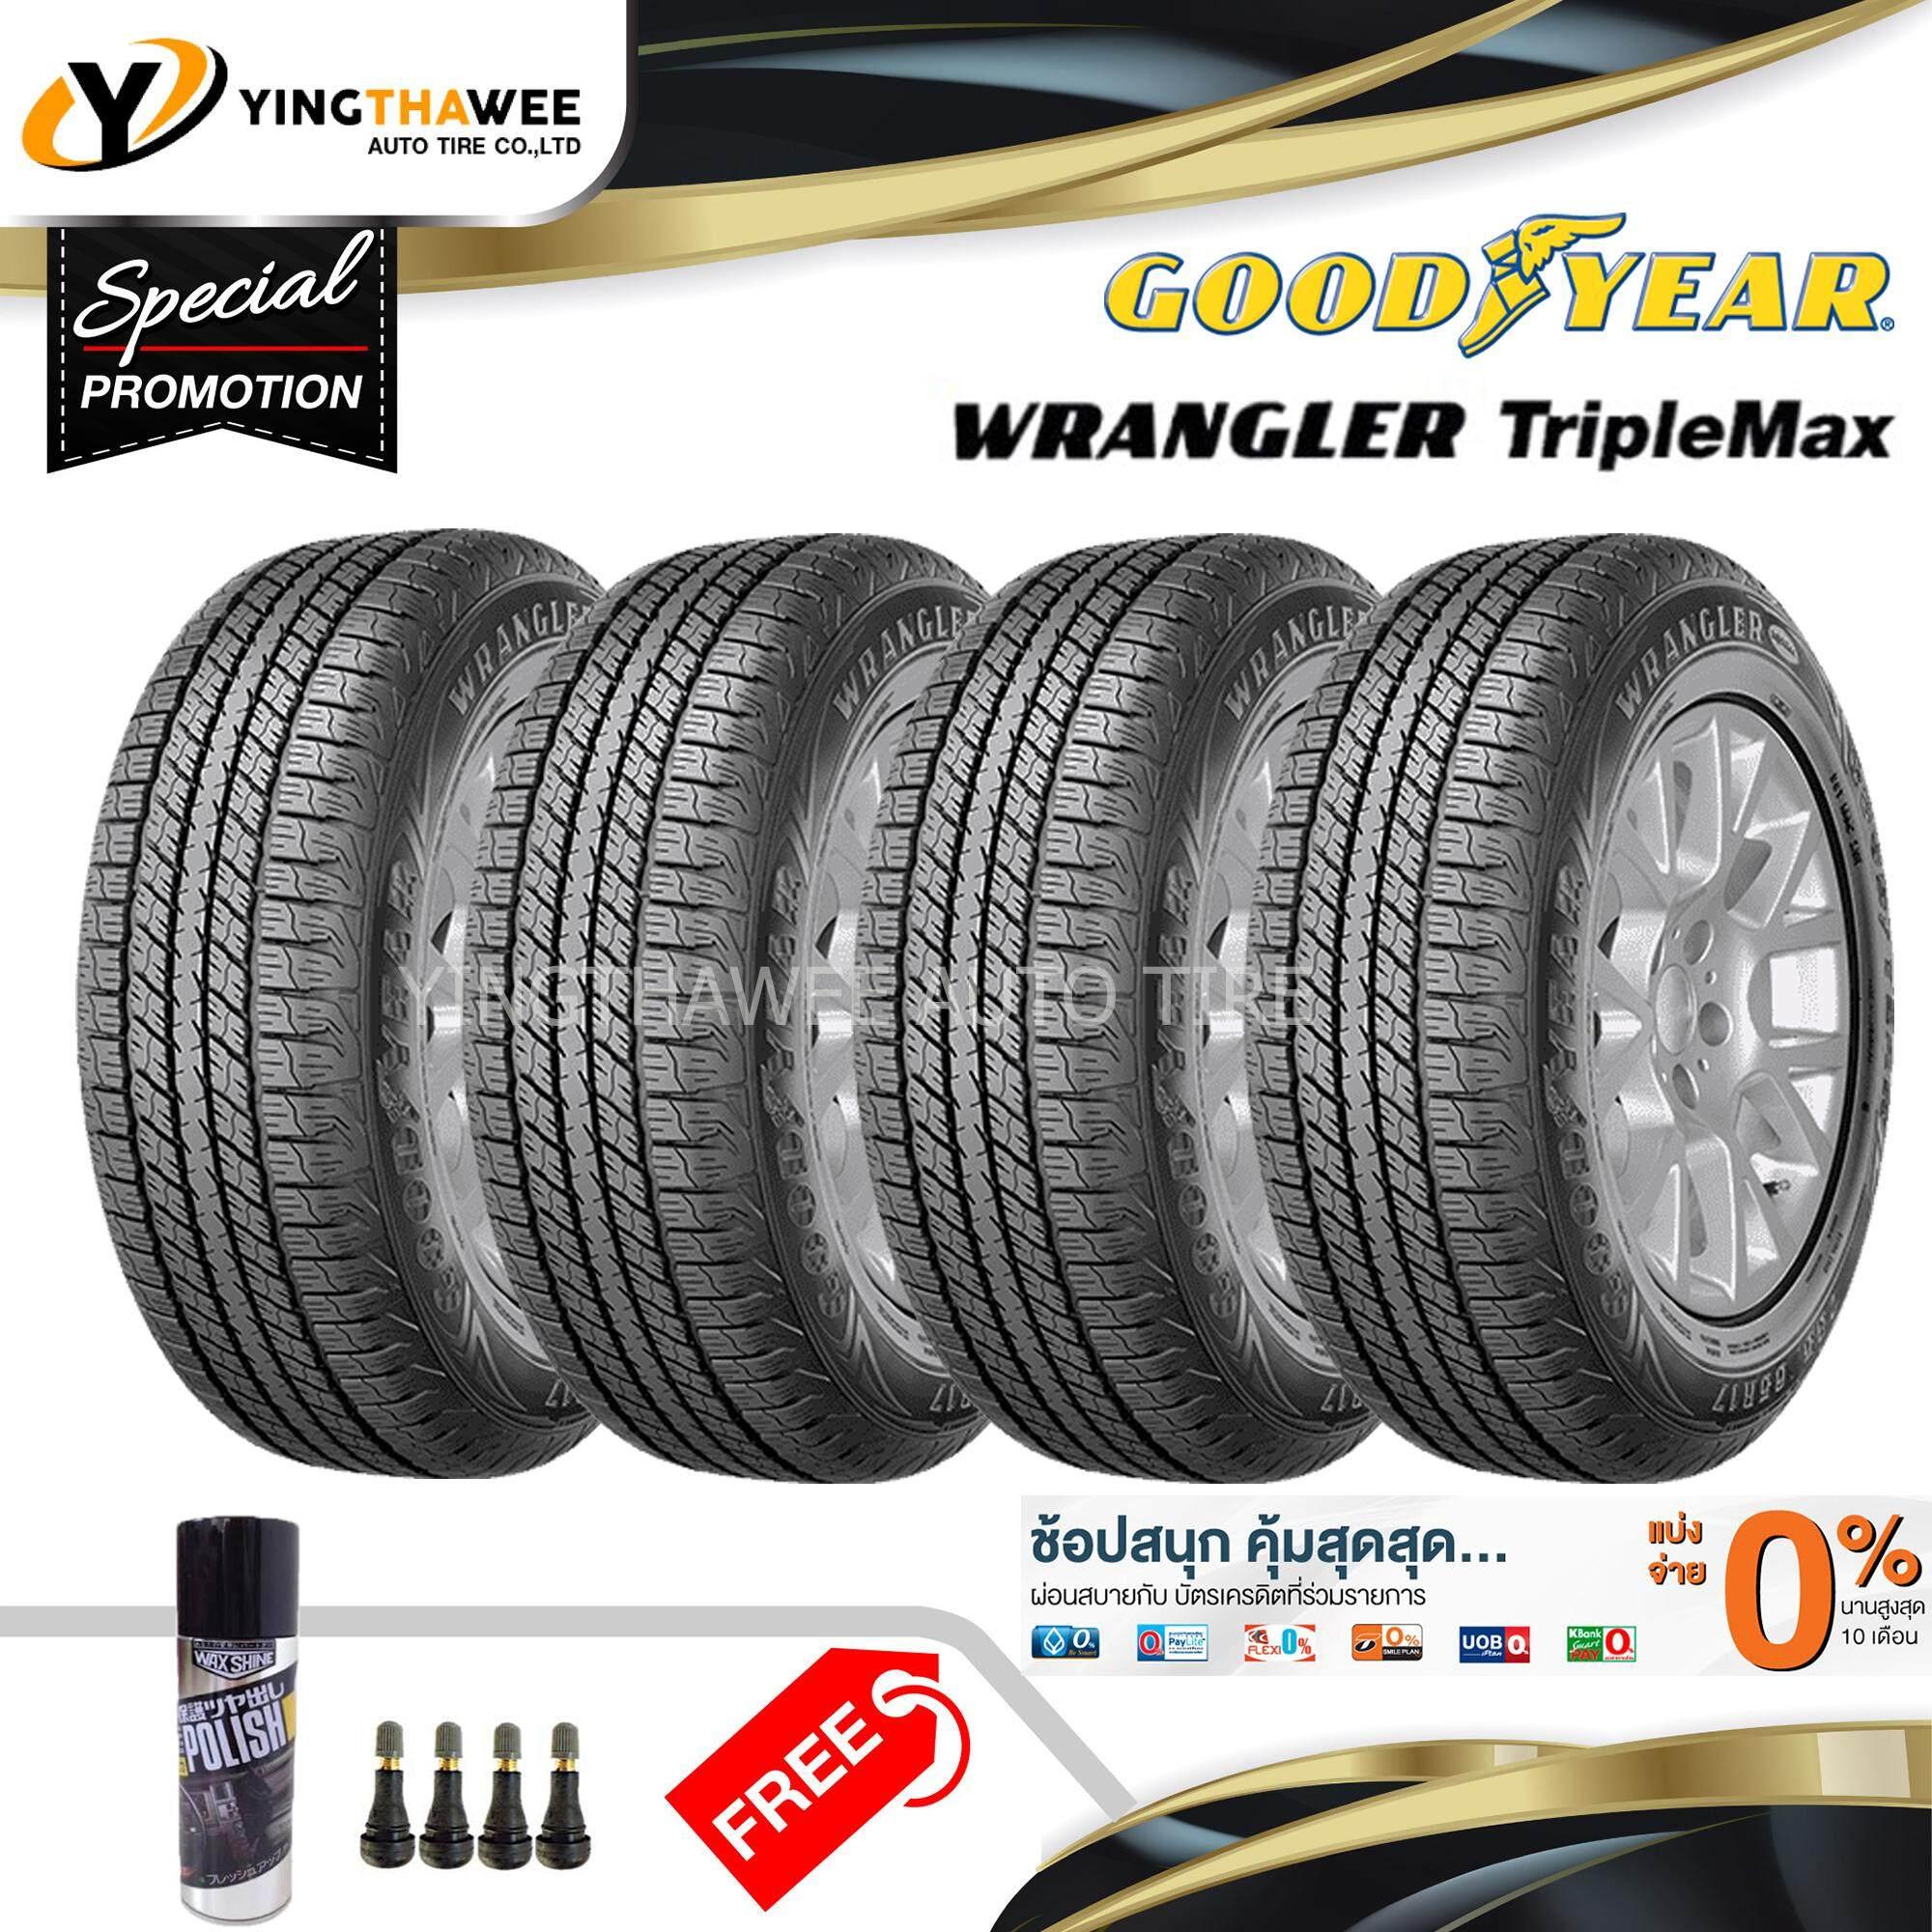 ประกันภัย รถยนต์ แบบ ผ่อน ได้ เพชรบุรี GOODYEAR ยางรถยนต์ 265/70R16 รุ่น Wrangler Triplemax 4 เส้น (ปี 2019) (แถม Wax Shine 420 ml. 1 กระป๋อง + จุ๊บลมยางหัวทองเหลือง 4 ตัว) ผ่อน 0% สูงสุด 10 เดือน